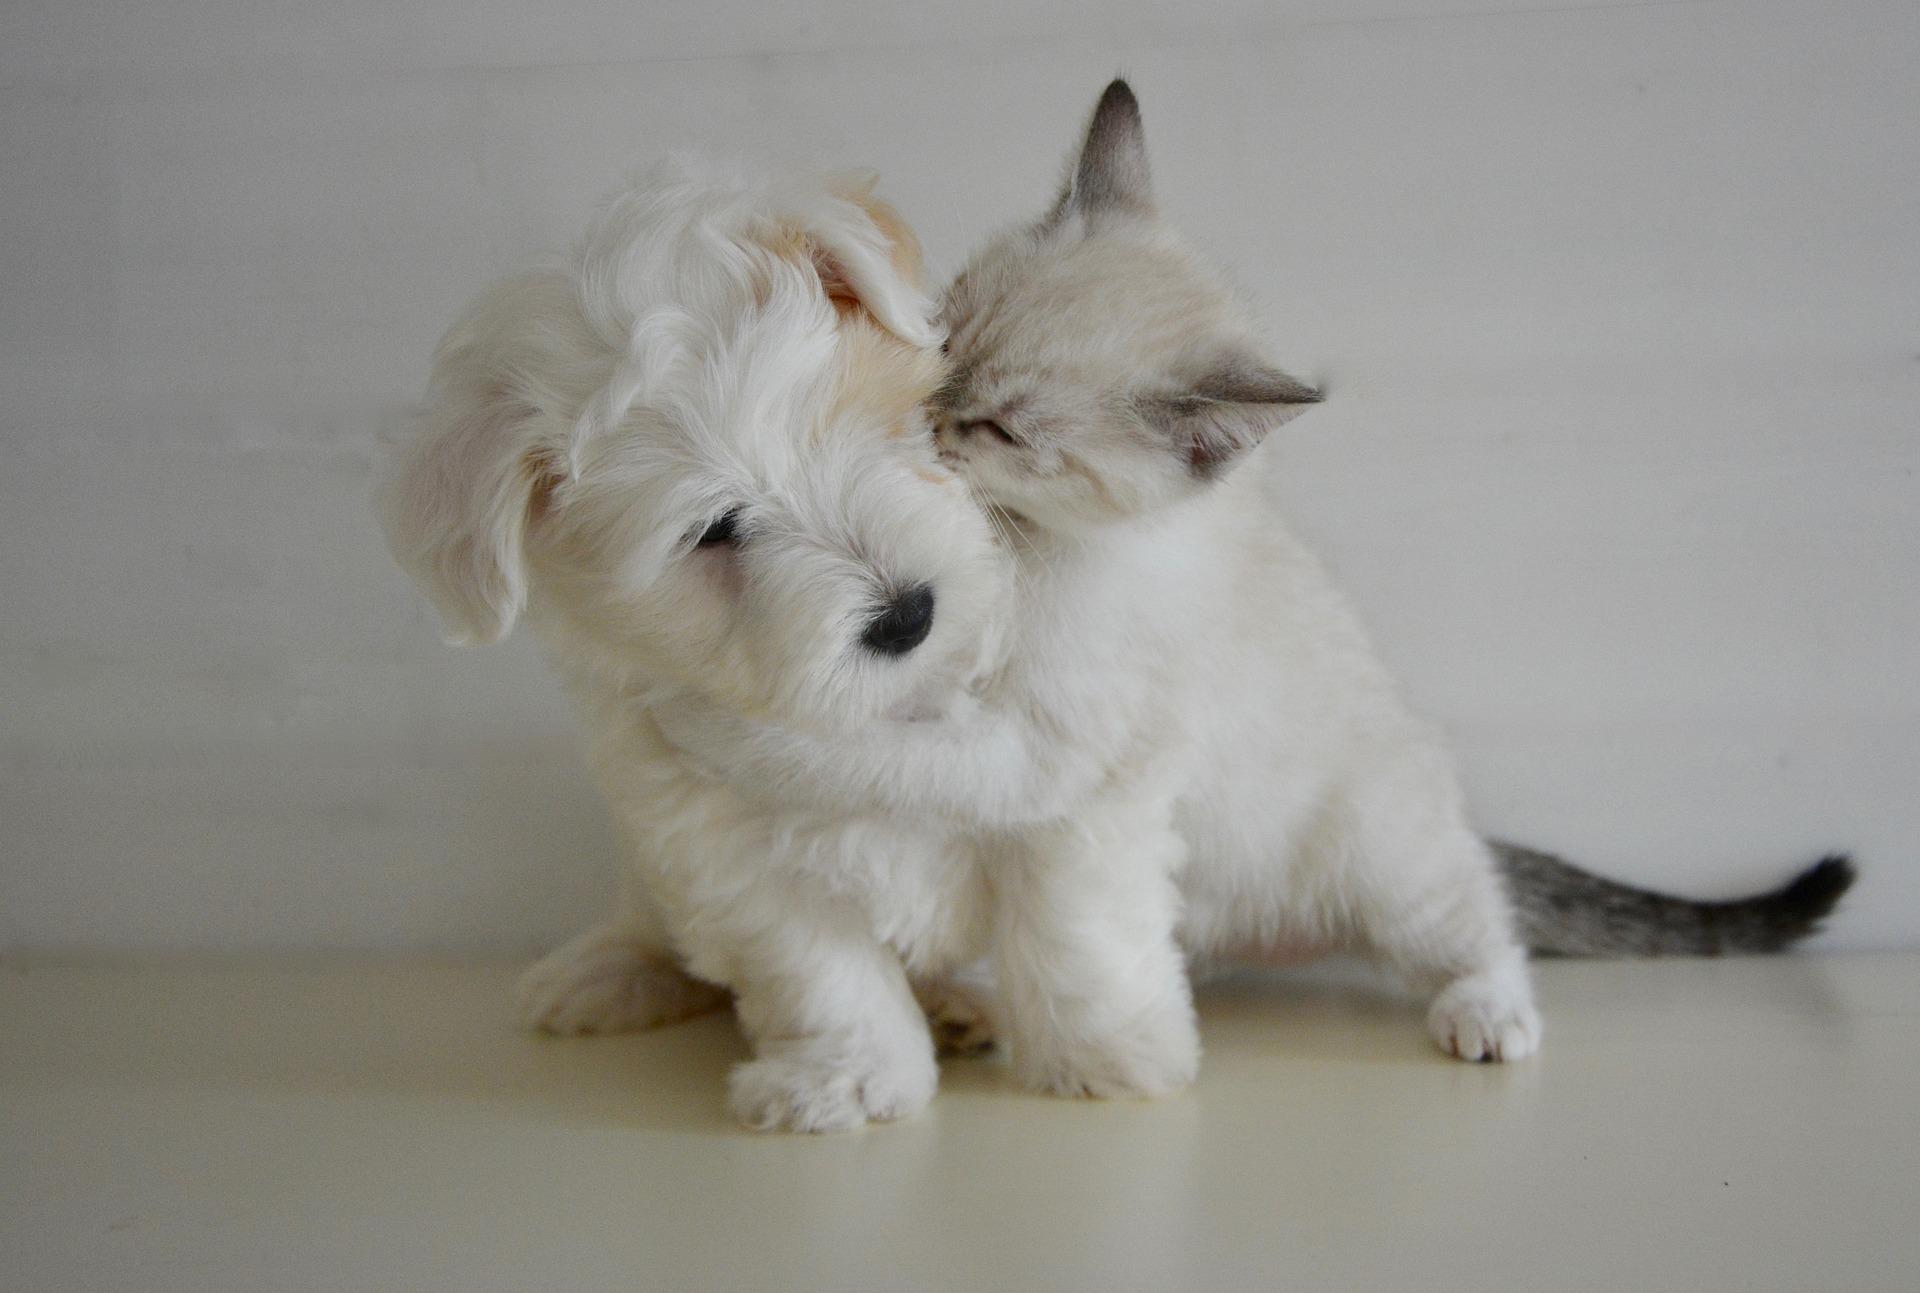 download wallpaper: katje geeft hond een kusje wallpaper